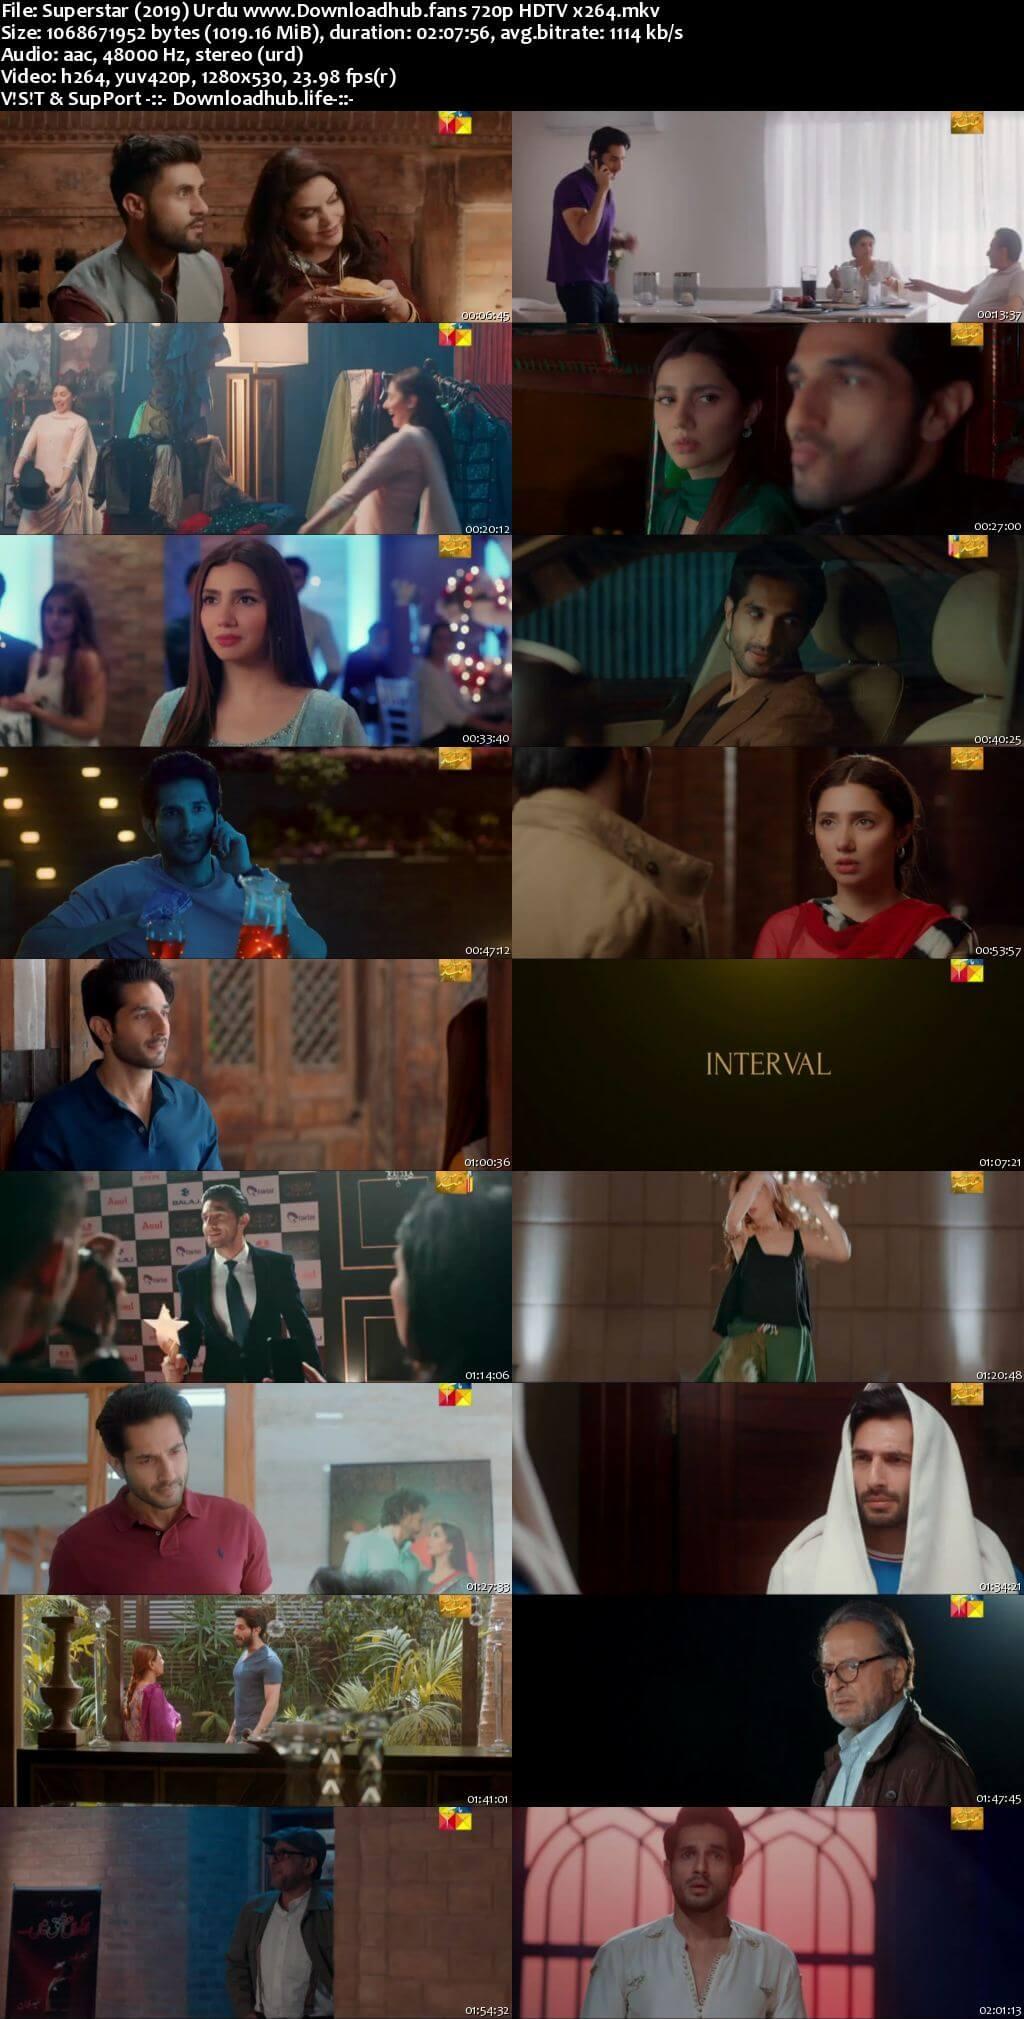 Superstar 2019 Urdu 720p HDTV x264